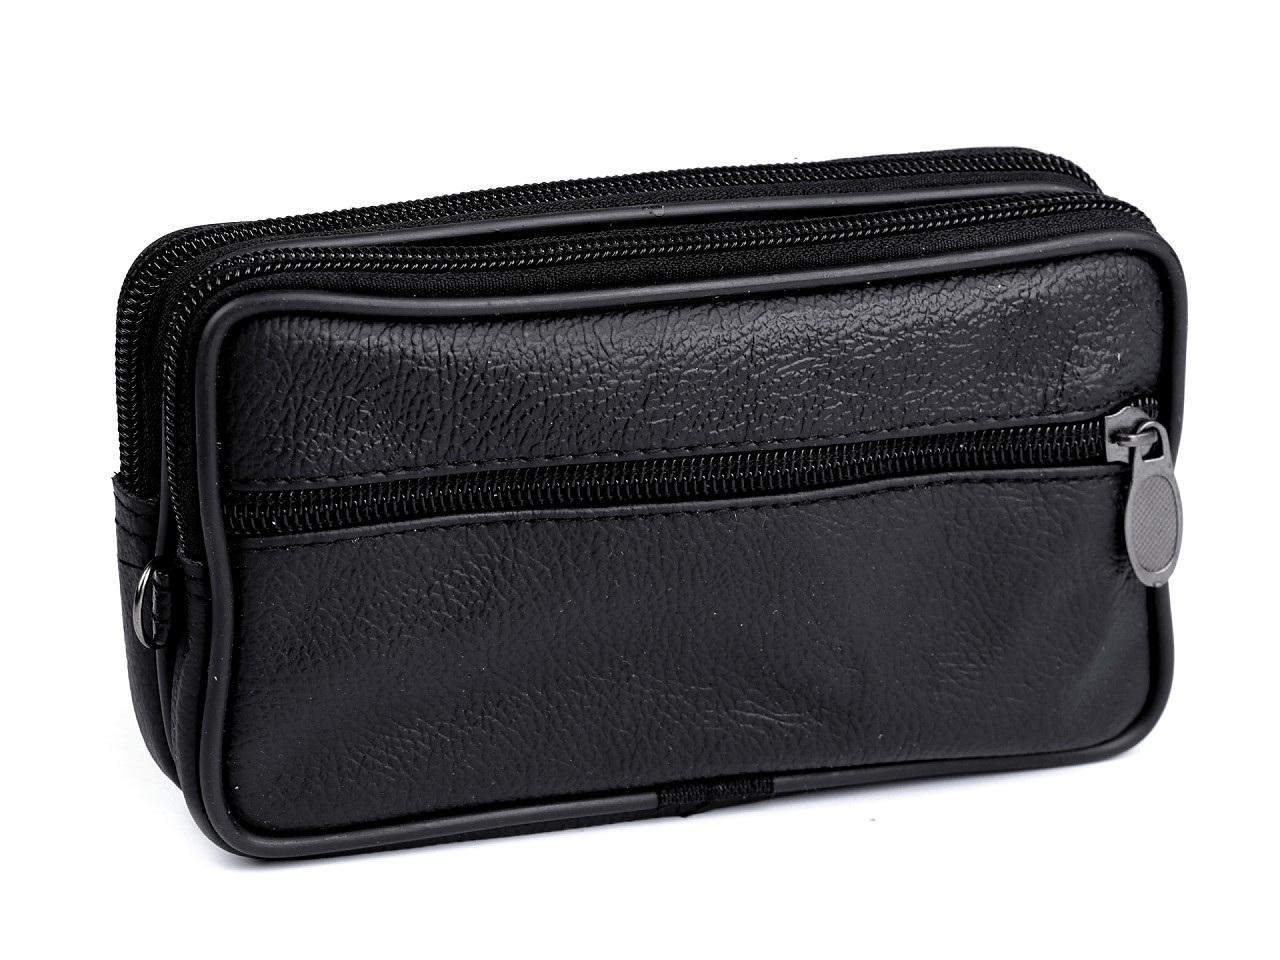 Pánské pouzdro / peněženka na opasek na mobil / doklady, kožené 10x17 cm, barva 2 černá